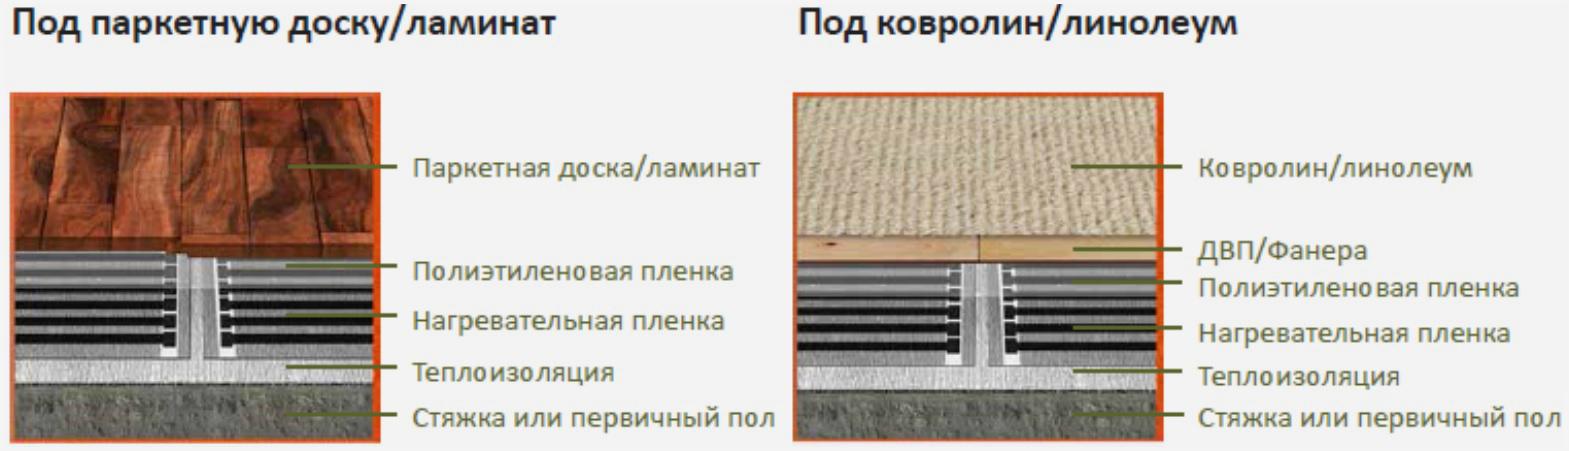 Инфракрасный теплый пол под линолеум: монтаж, инструкции, видео-обзоры